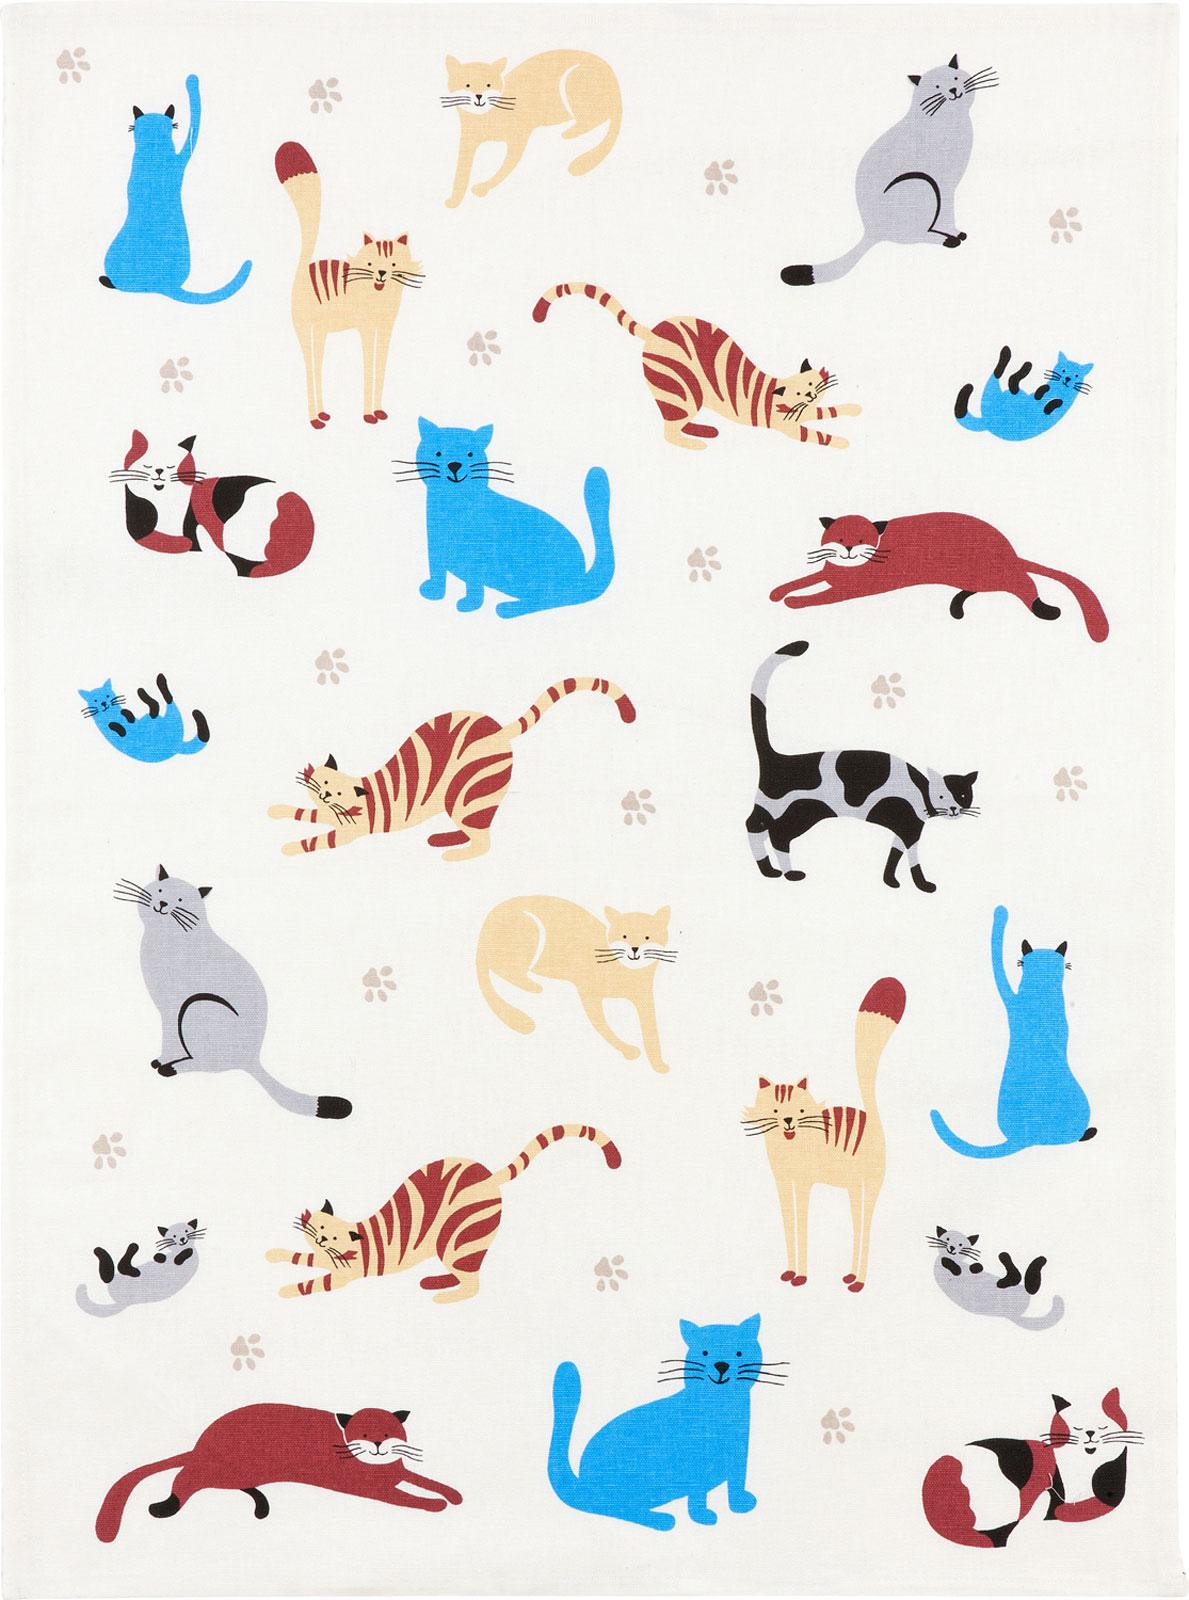 Küchentextilien - Kracht Halbleinen Geschirrtuch 50x70 Motiv 2 856 00 Katzenpfoten  - Onlineshop PremiumShop321